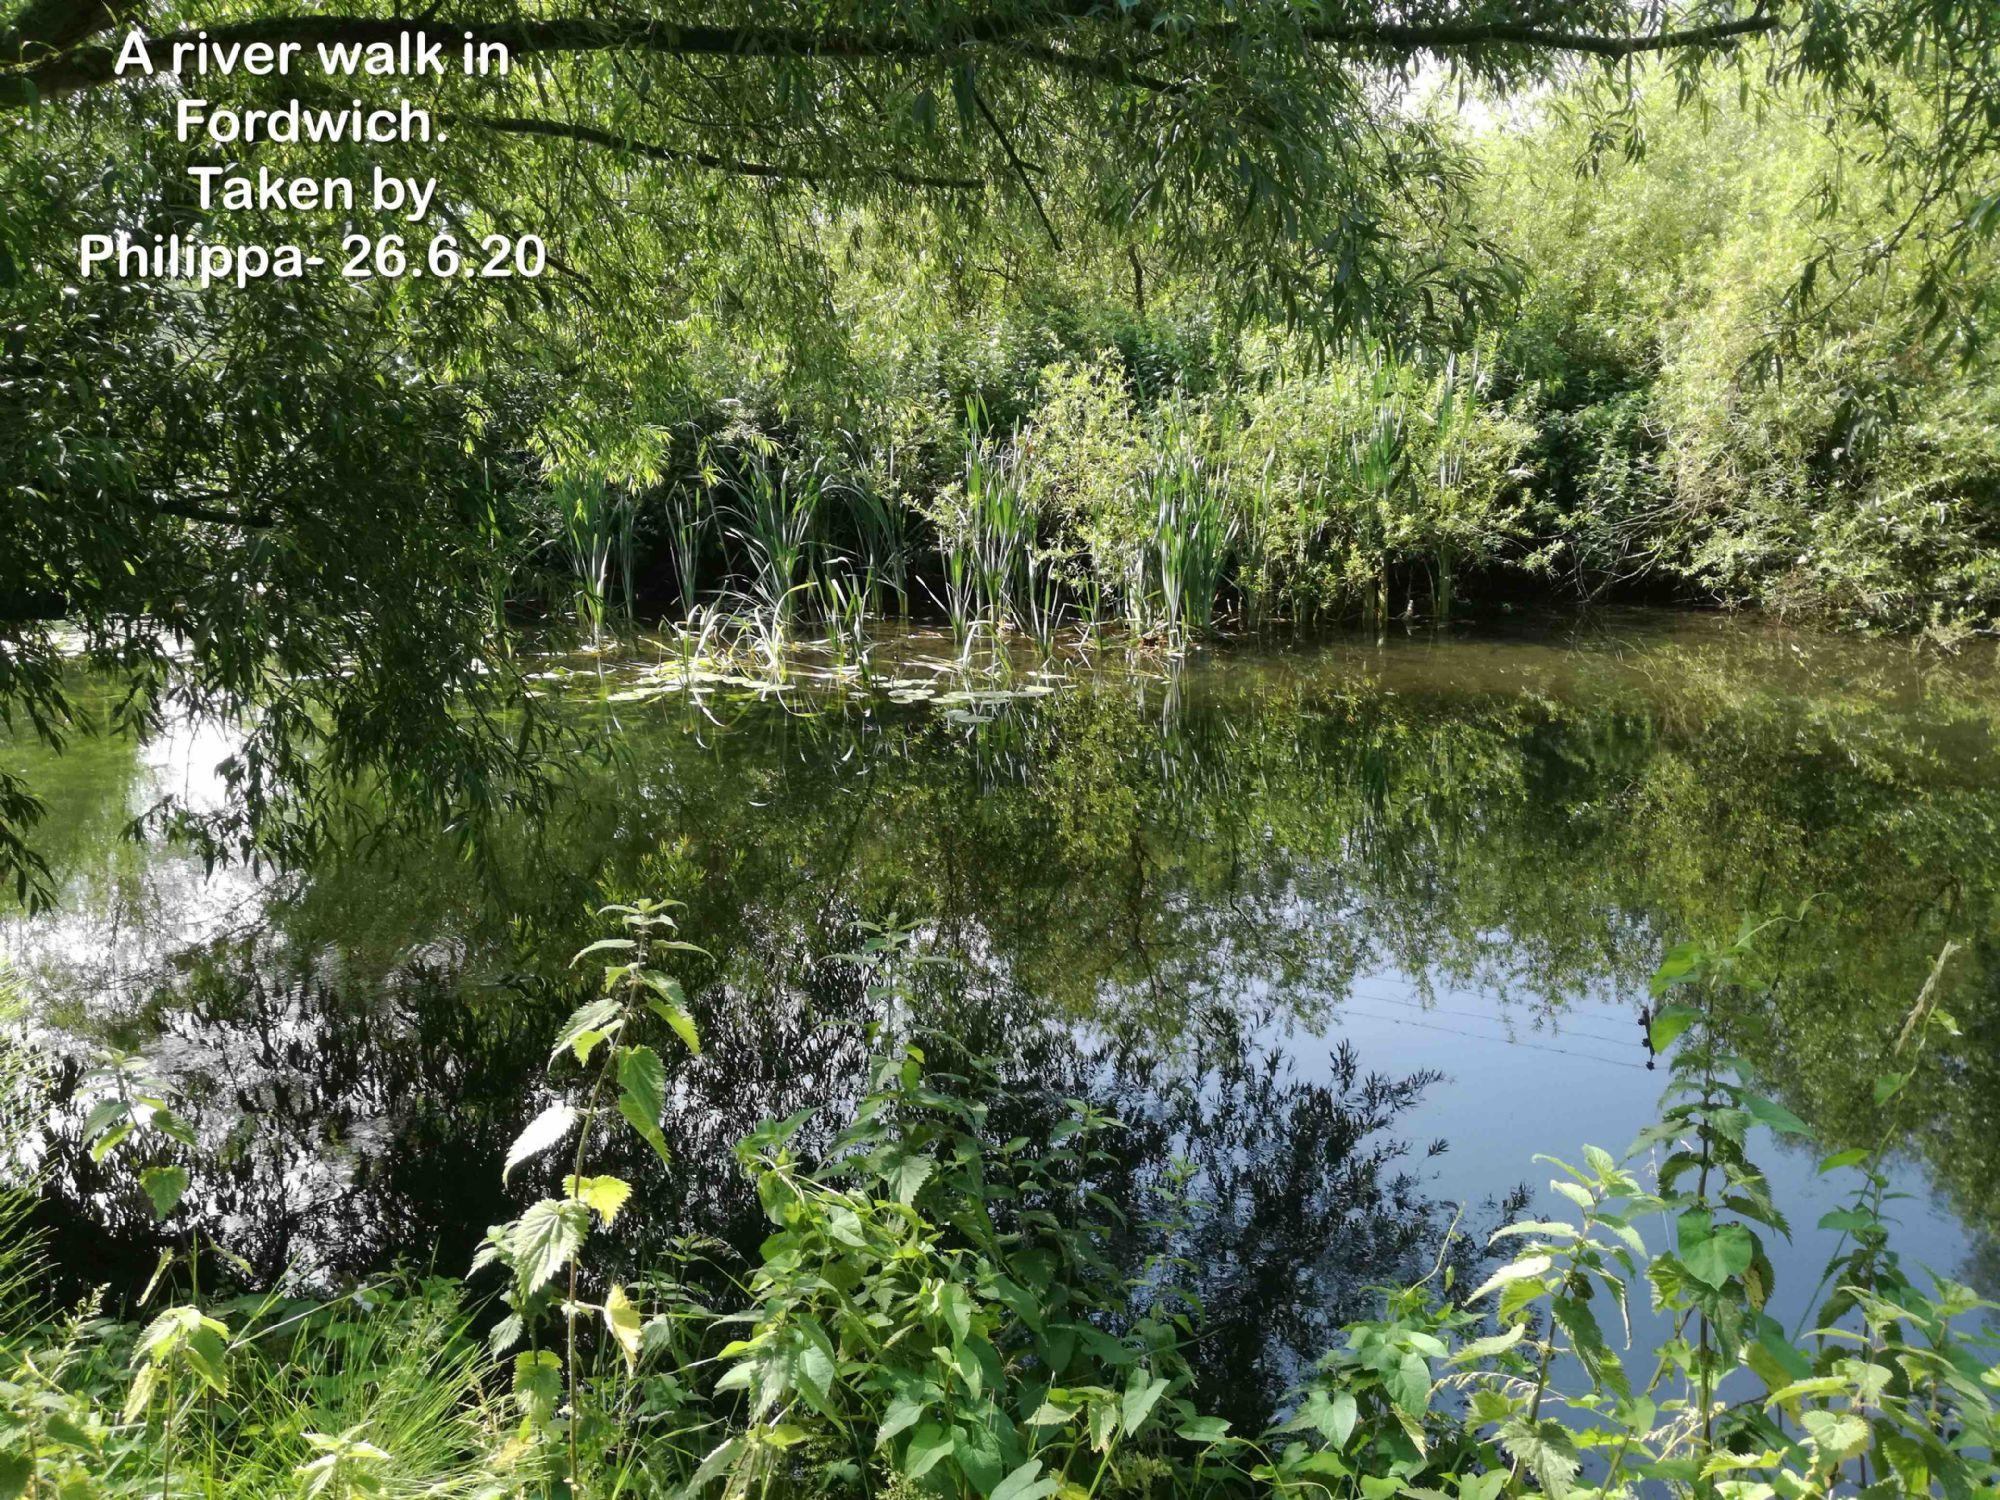 A river walk in Fordwich.